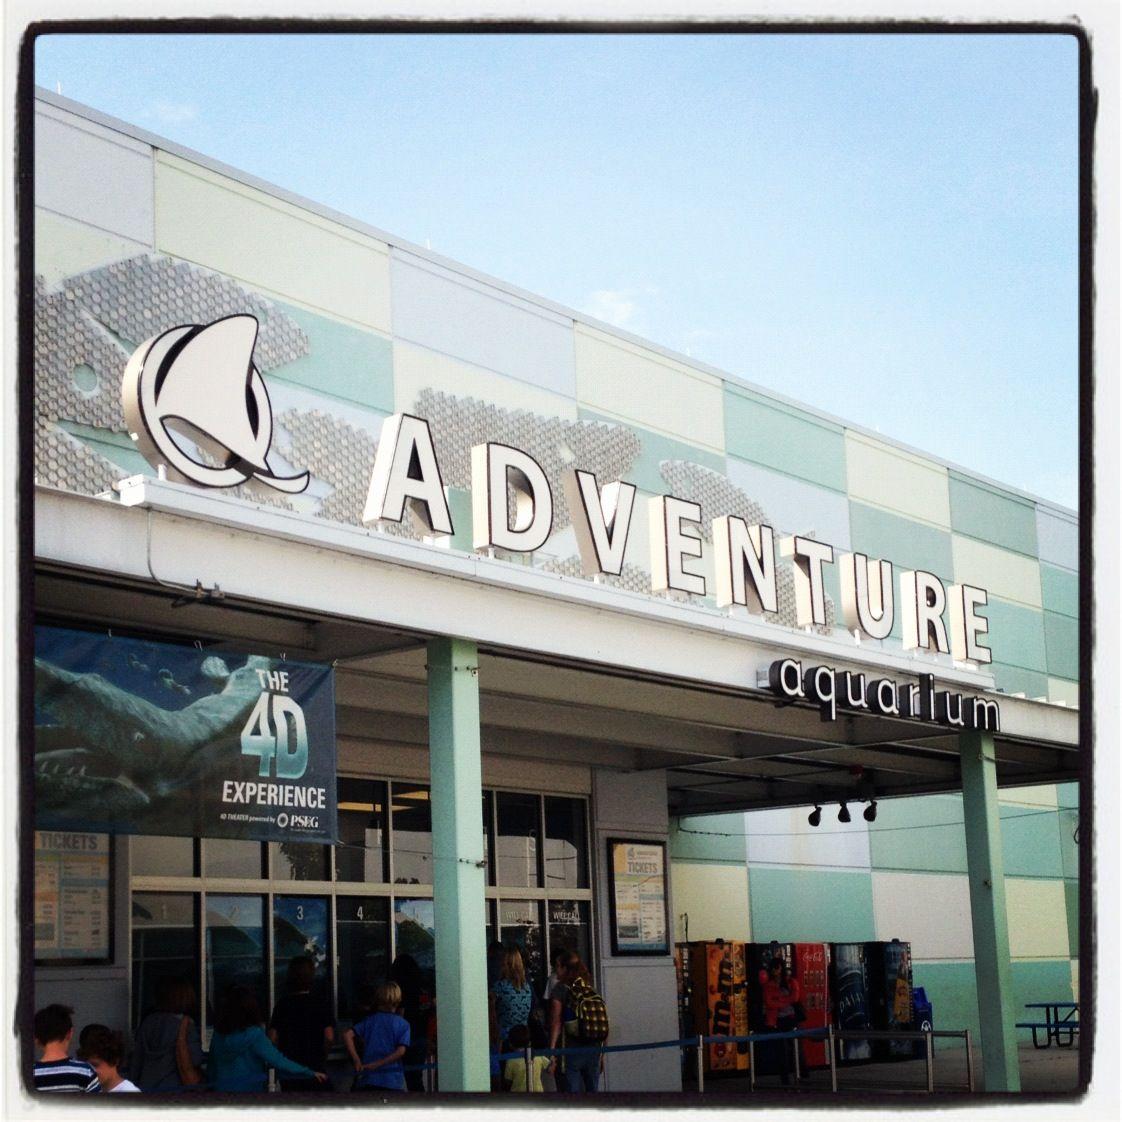 Adventure Aquarium - Camden, NJ Just was there last ...